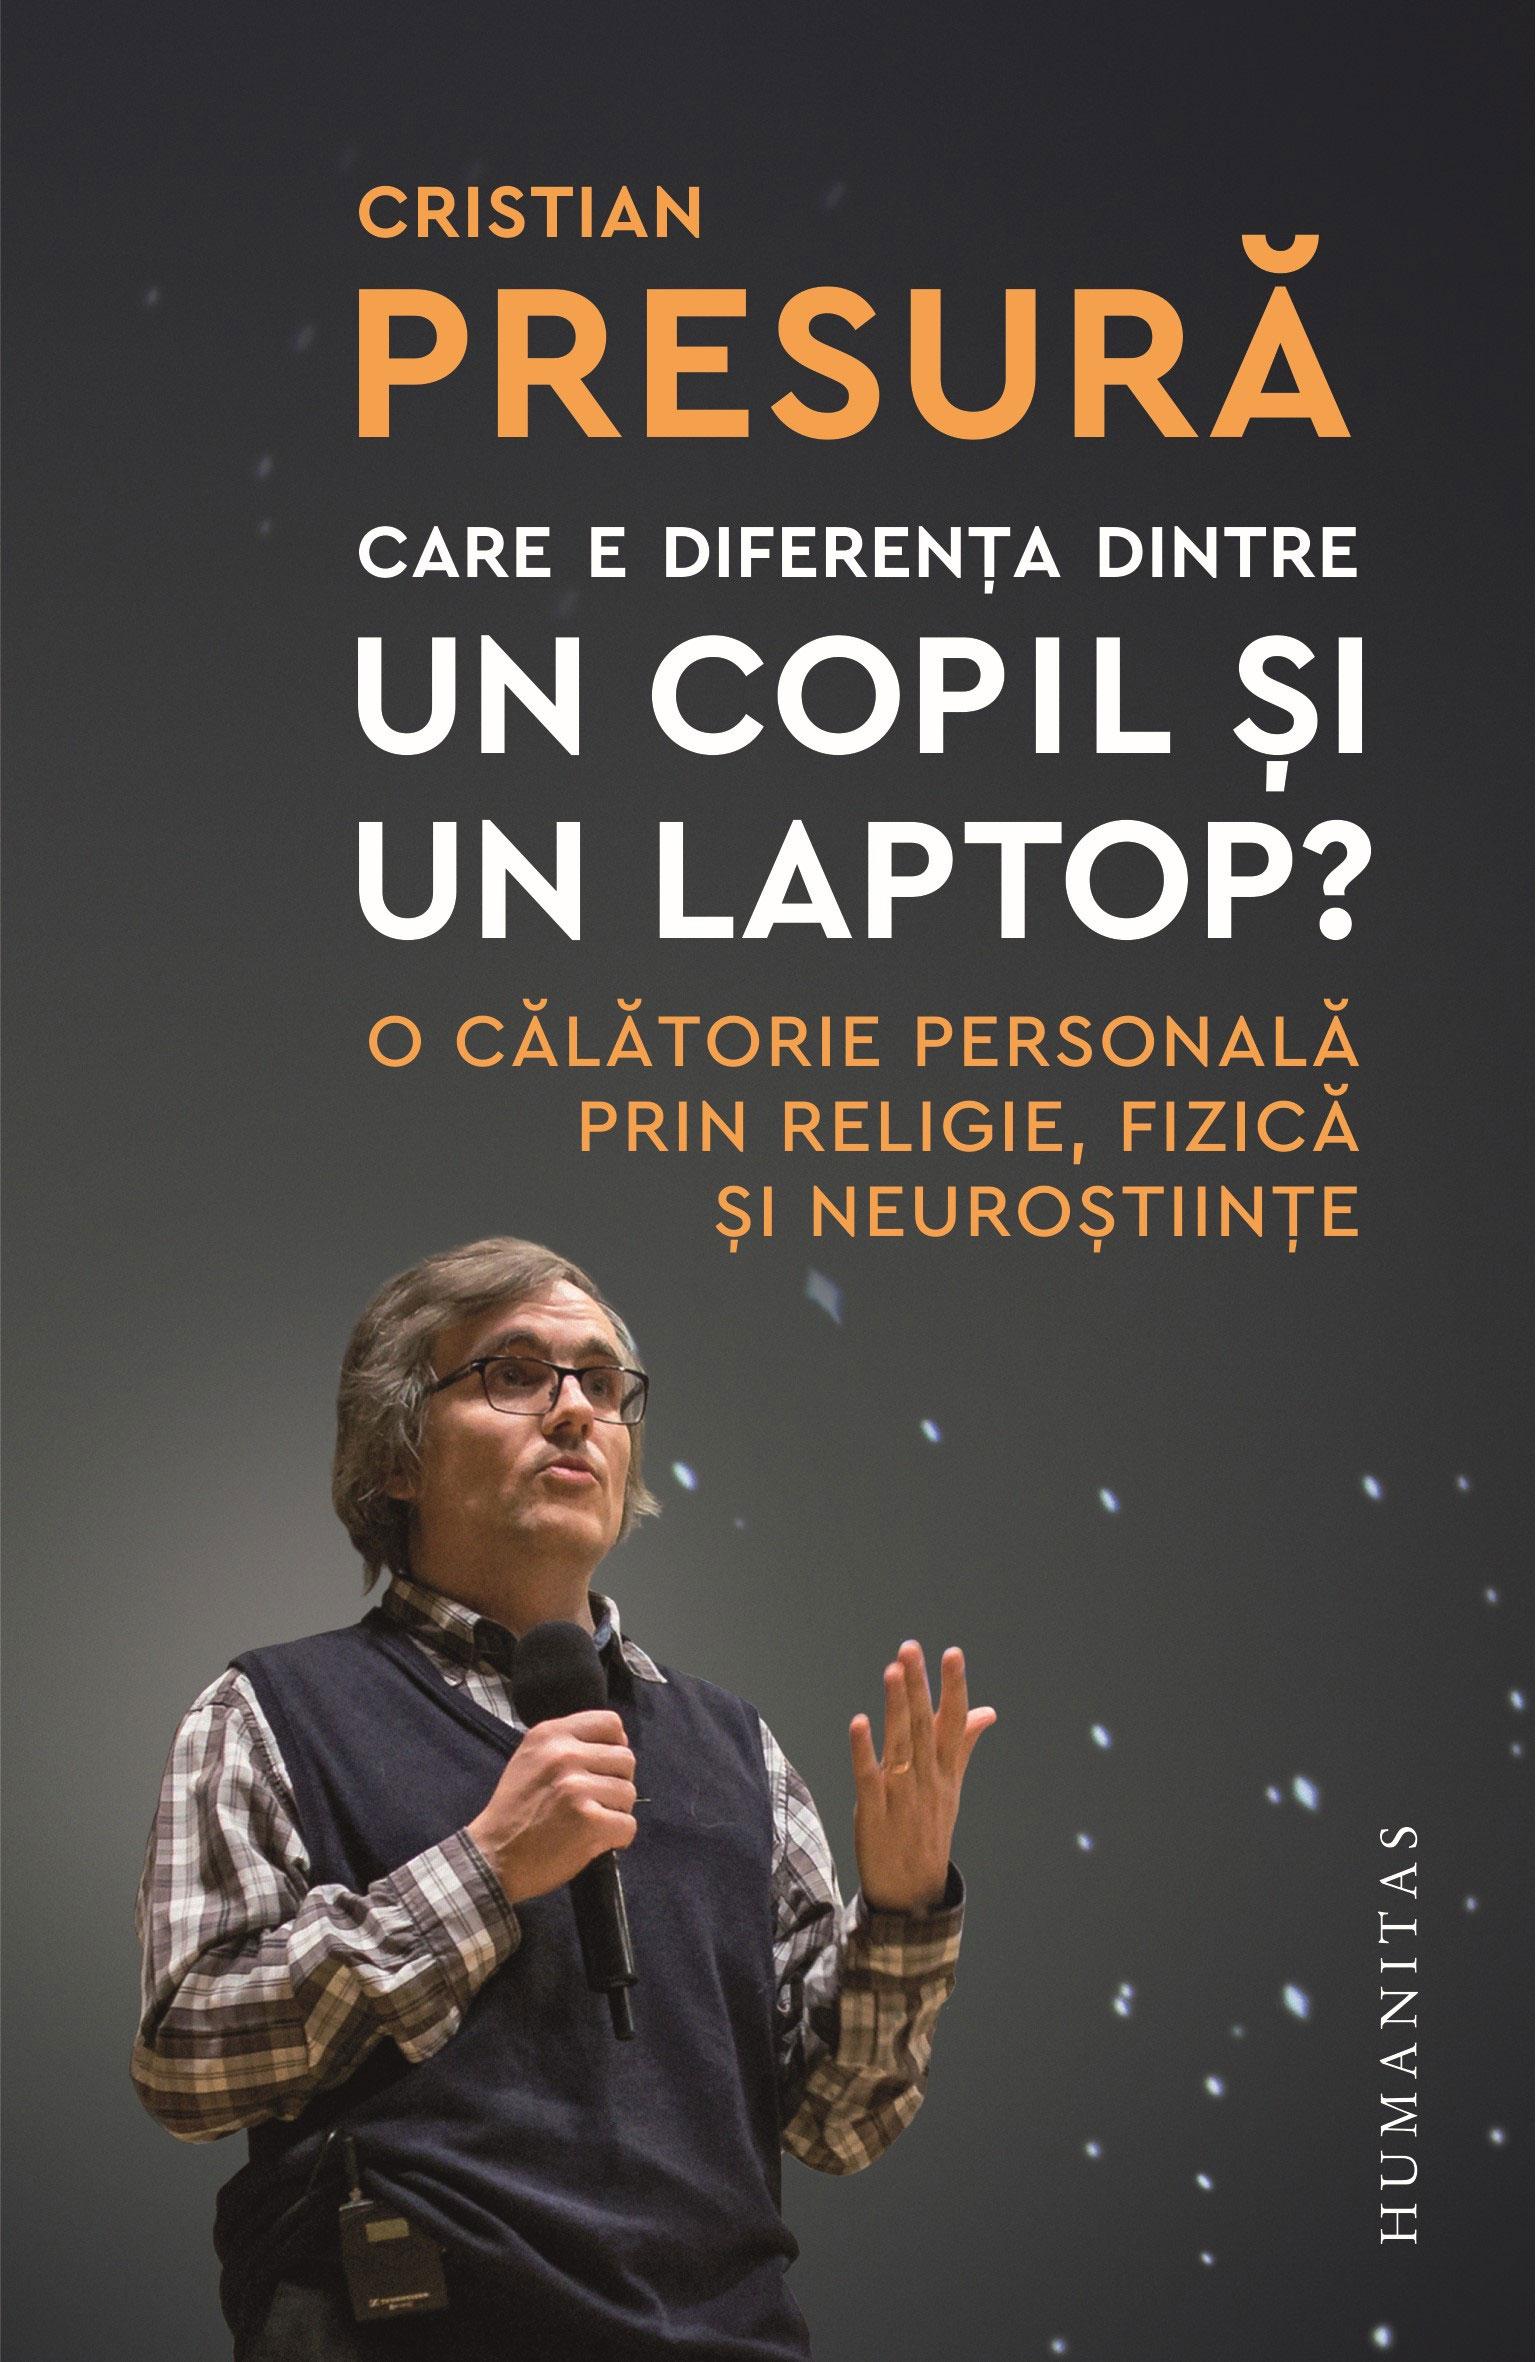 Cristian PRESURA - Care e diferenta dintre un copil si un laptop?